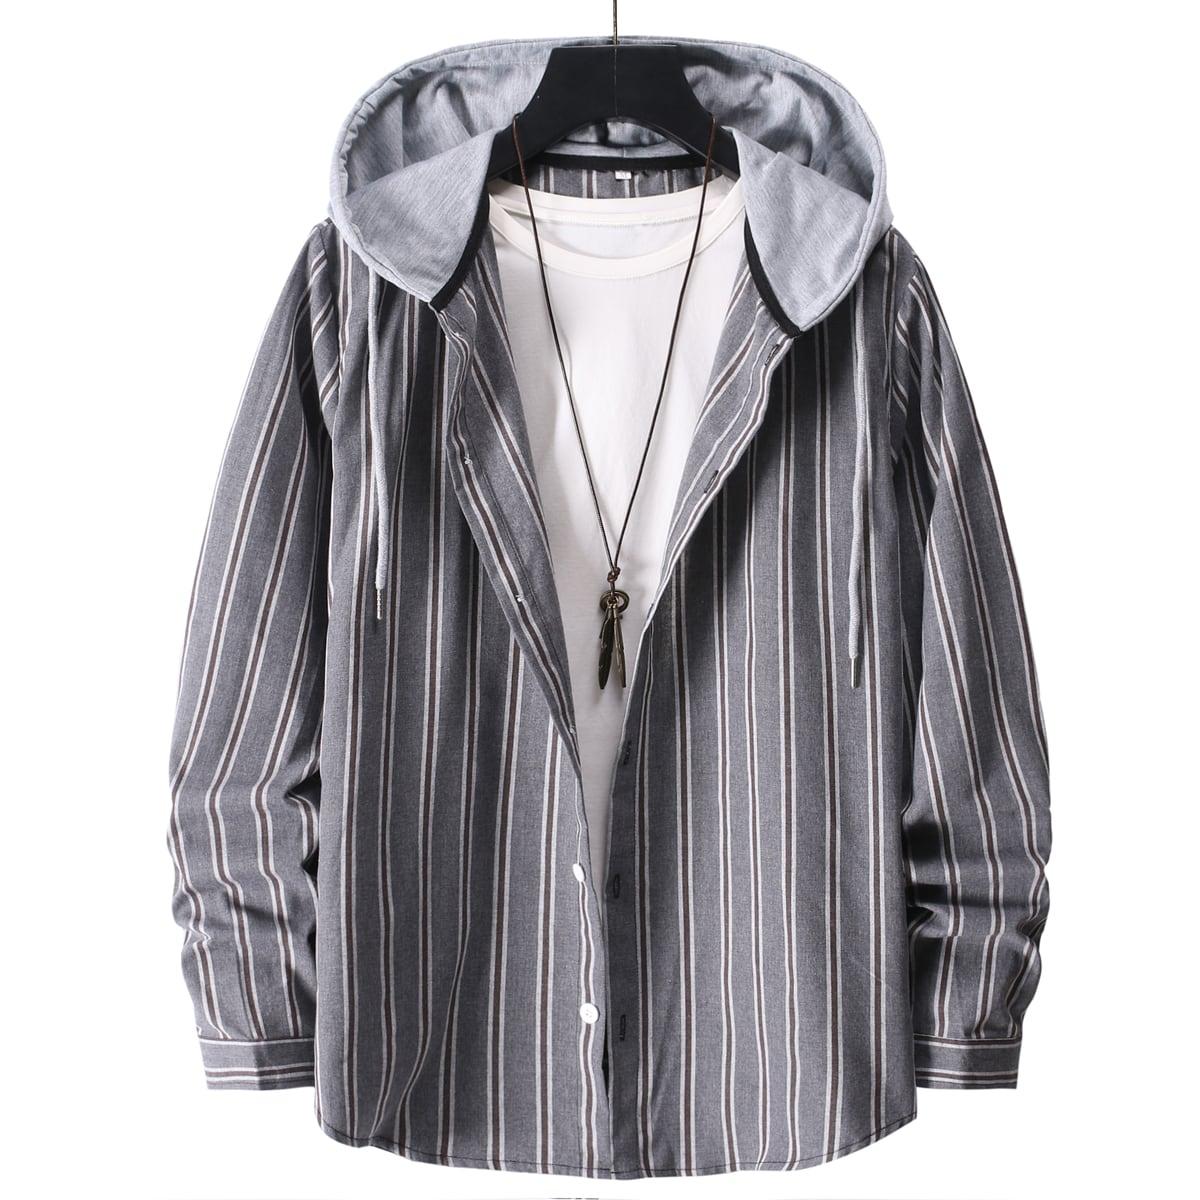 Мужской Рубашка в полоску с капюшоном без футболки